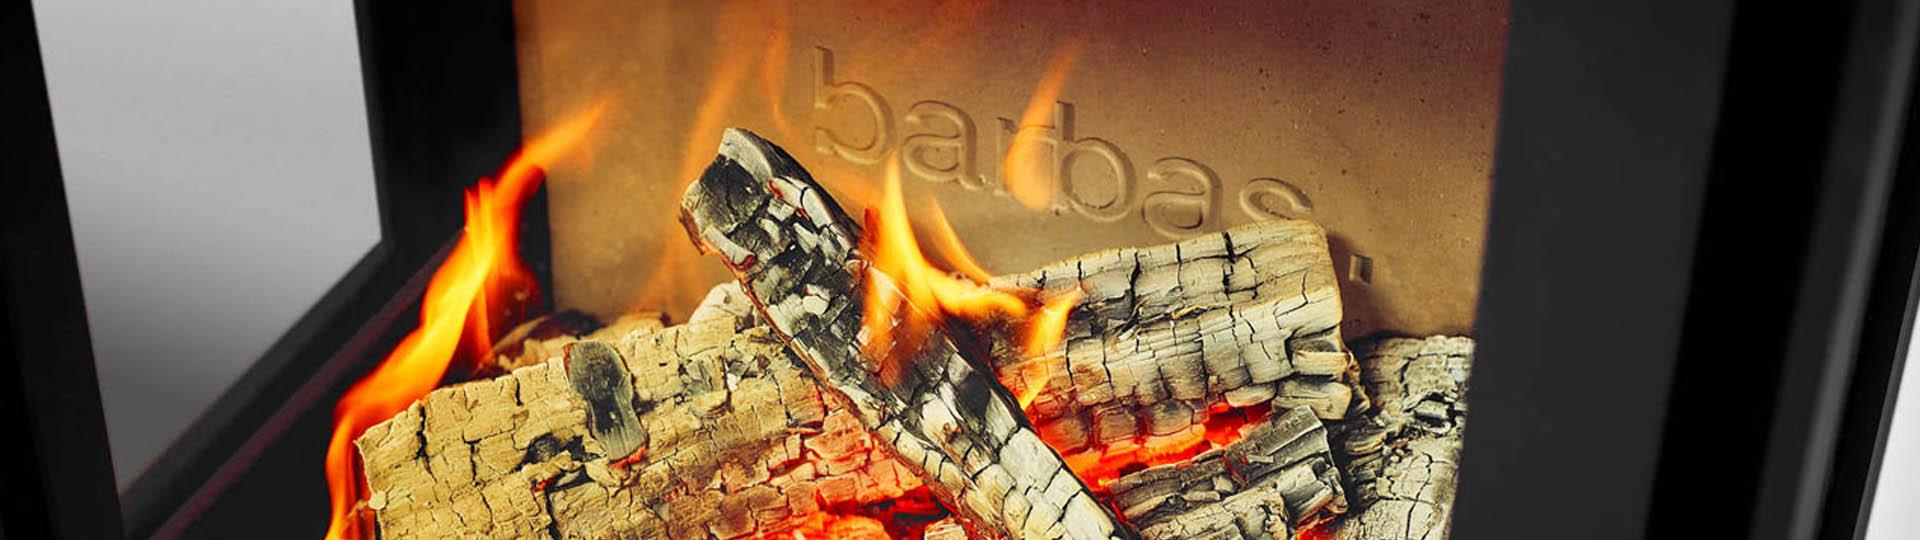 Quel Marque De Poele A Bois Choisir un poêle à bois pour la vraie sensation de feu de camp